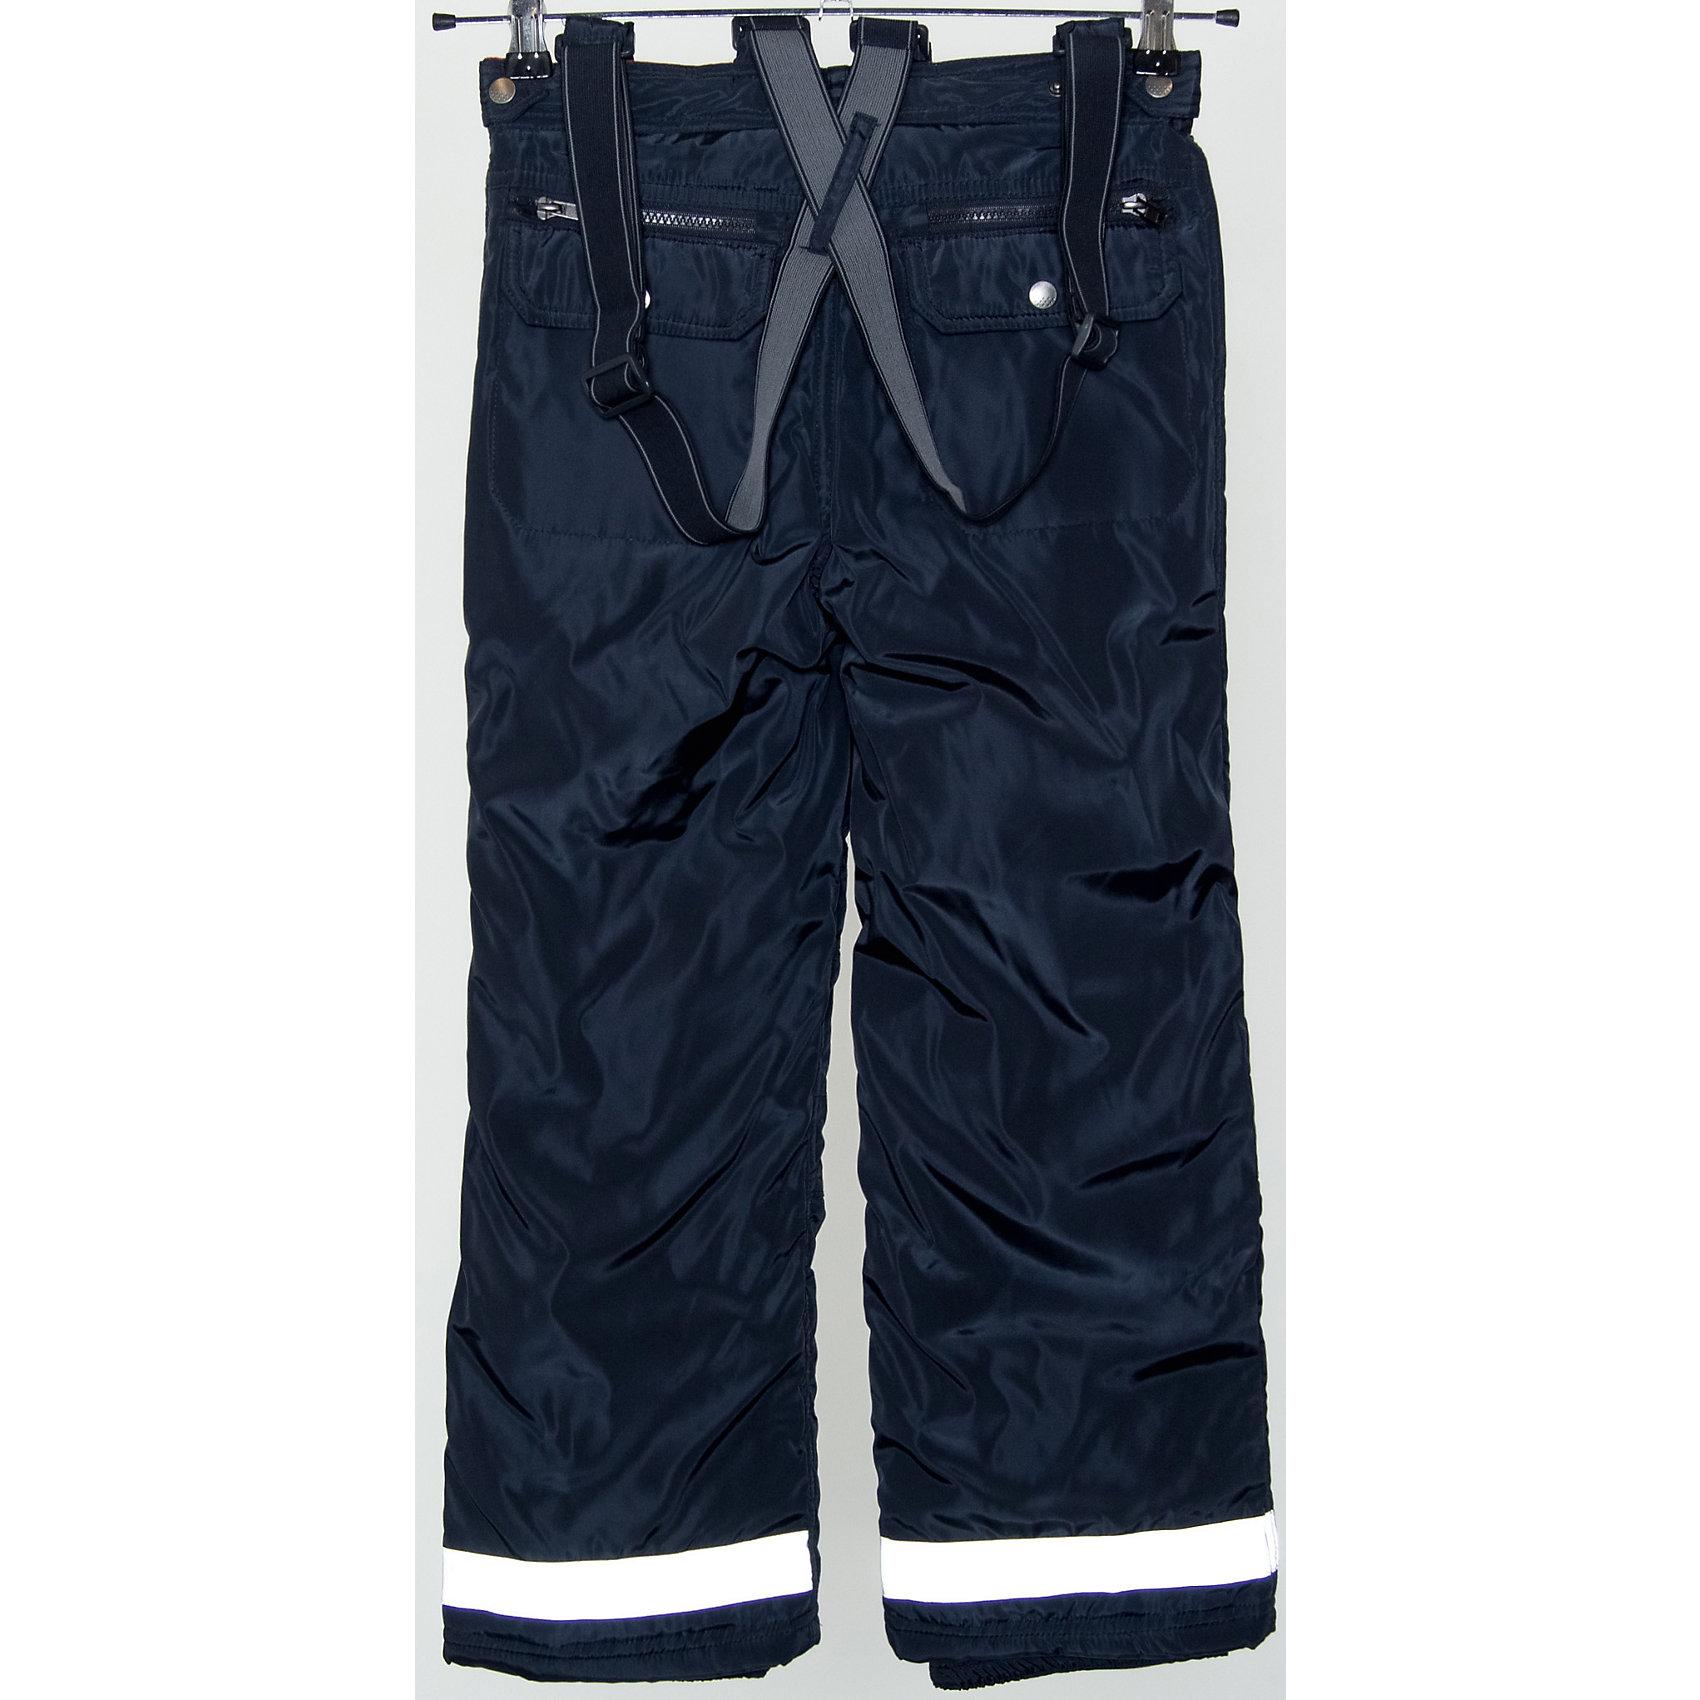 Брюки для мальчика SELAВерхняя одежда<br>Такие стильные утепленные брюки - незаменимая вещь в прохладное время года. Эта модель отлично сидит на ребенке, она сшита из плотного материала, позволяет гулять и заниматься спортом на свежем воздухе зимой. Мягкая подкладка не вызывает аллергии и обеспечивает ребенку комфорт. Модель станет отличной базовой вещью, которая будет уместна в различных сочетаниях.<br>Одежда от бренда Sela (Села) - это качество по приемлемым ценам. Многие российские родители уже оценили преимущества продукции этой компании и всё чаще приобретают одежду и аксессуары Sela.<br><br>Дополнительная информация:<br><br>цвет: синий;<br>материал: 100% ПЭ;<br>светоотражающие элементы на штанинах;<br>регулируемые подтяжки;<br>утепленные.<br><br>Брюки для мальчика от бренда Sela можно купить в нашем интернет-магазине.<br><br>Ширина мм: 215<br>Глубина мм: 88<br>Высота мм: 191<br>Вес г: 336<br>Цвет: синий<br>Возраст от месяцев: 60<br>Возраст до месяцев: 72<br>Пол: Мужской<br>Возраст: Детский<br>Размер: 116,152,128,140<br>SKU: 5008148